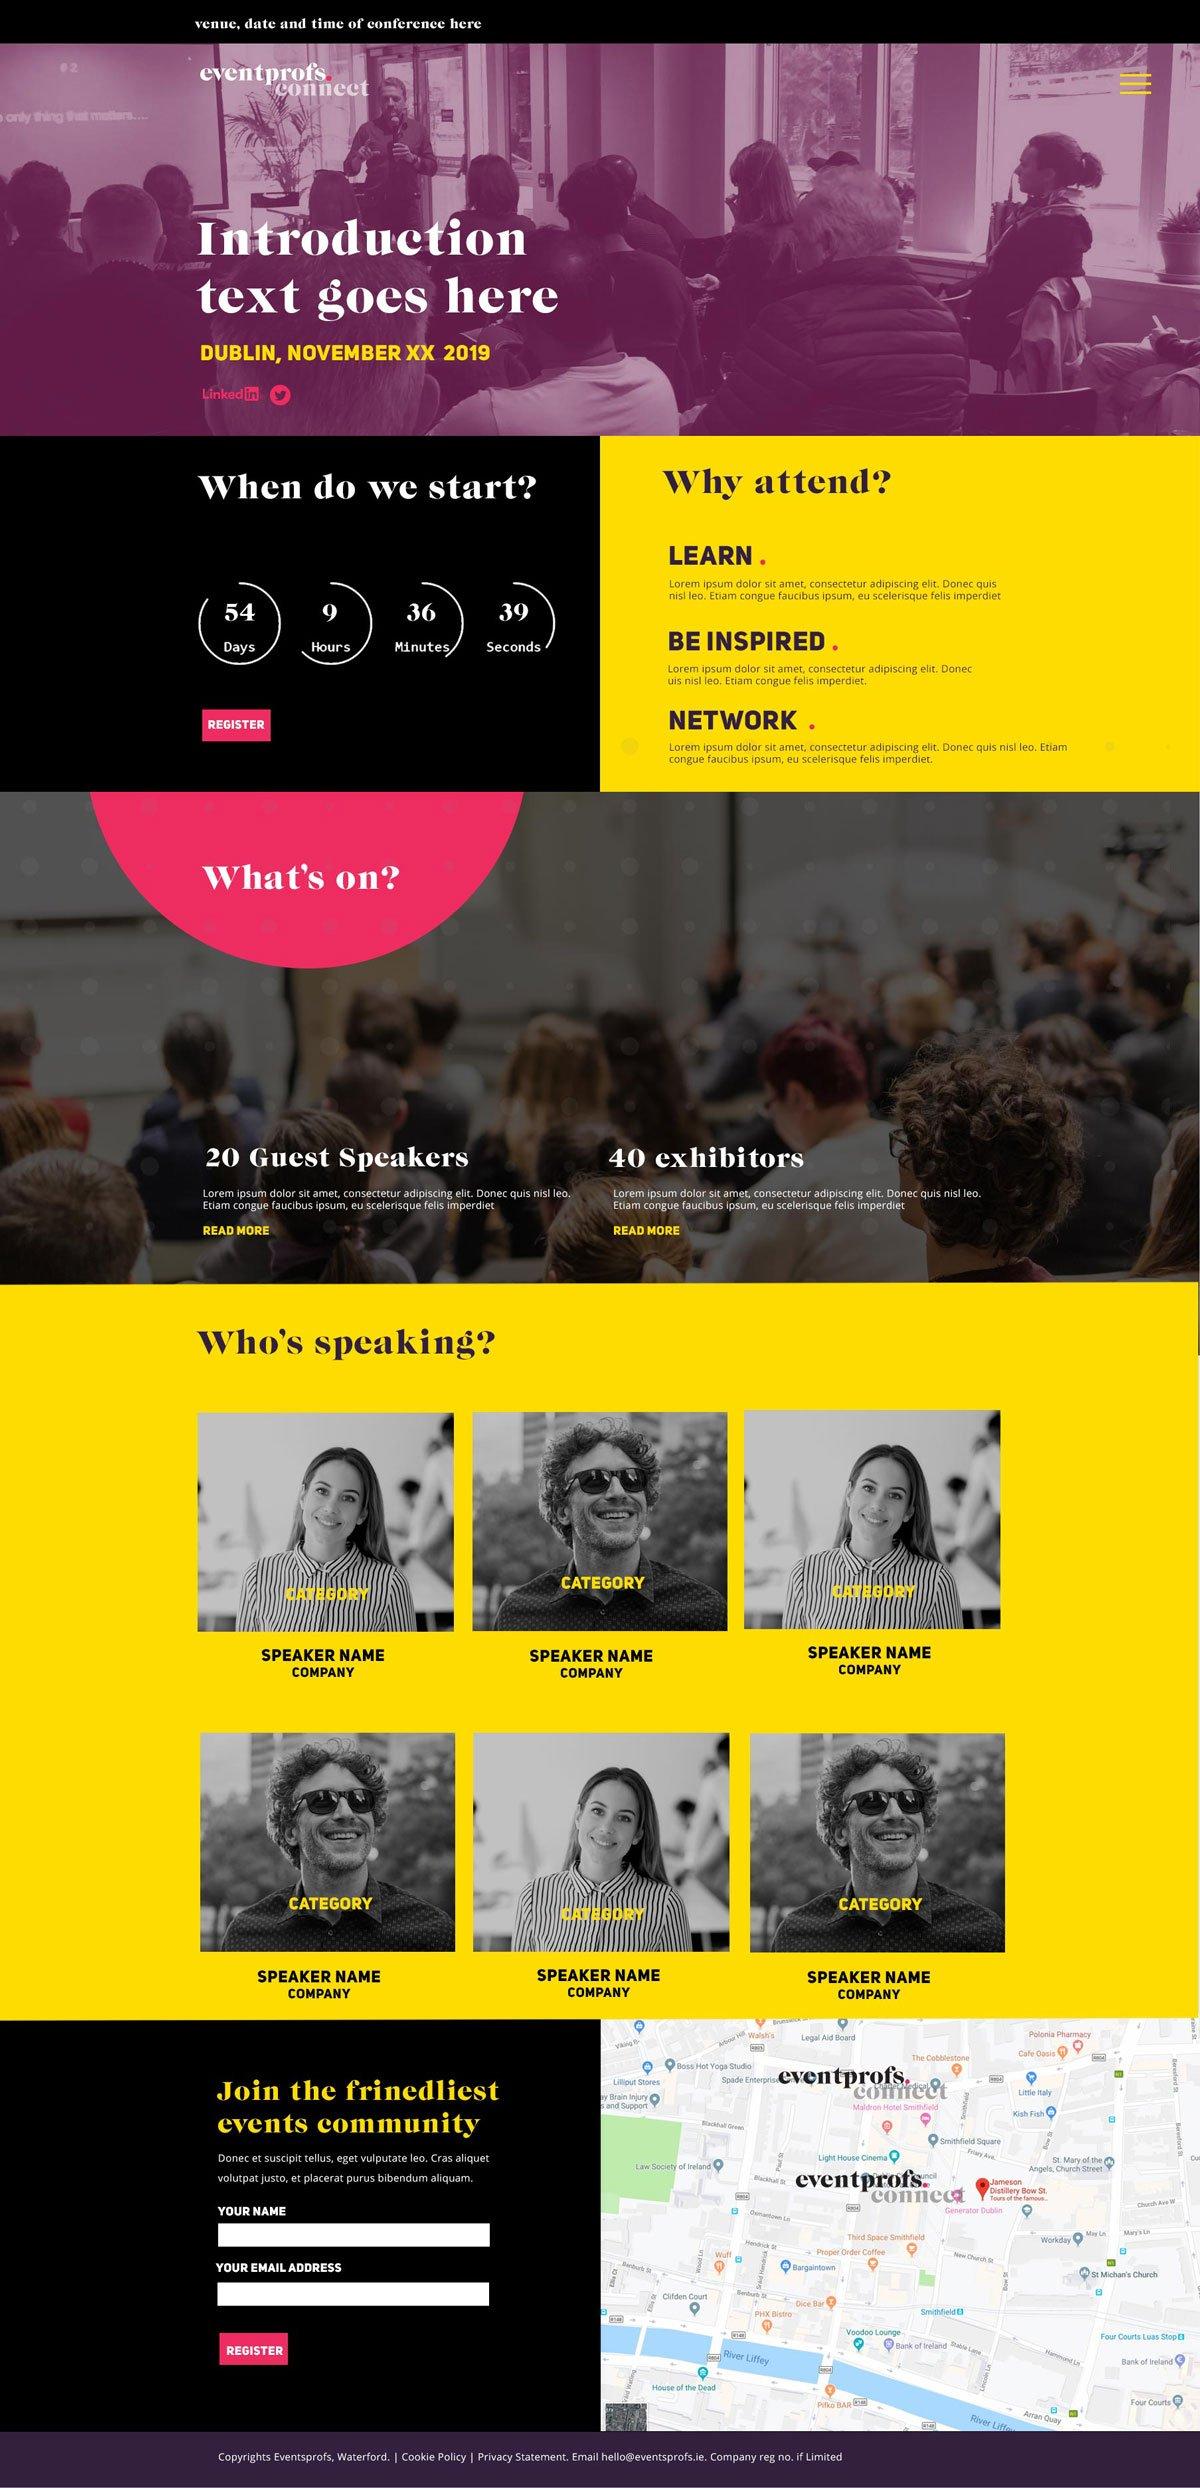 eventprofs website design visuals wexford ireland